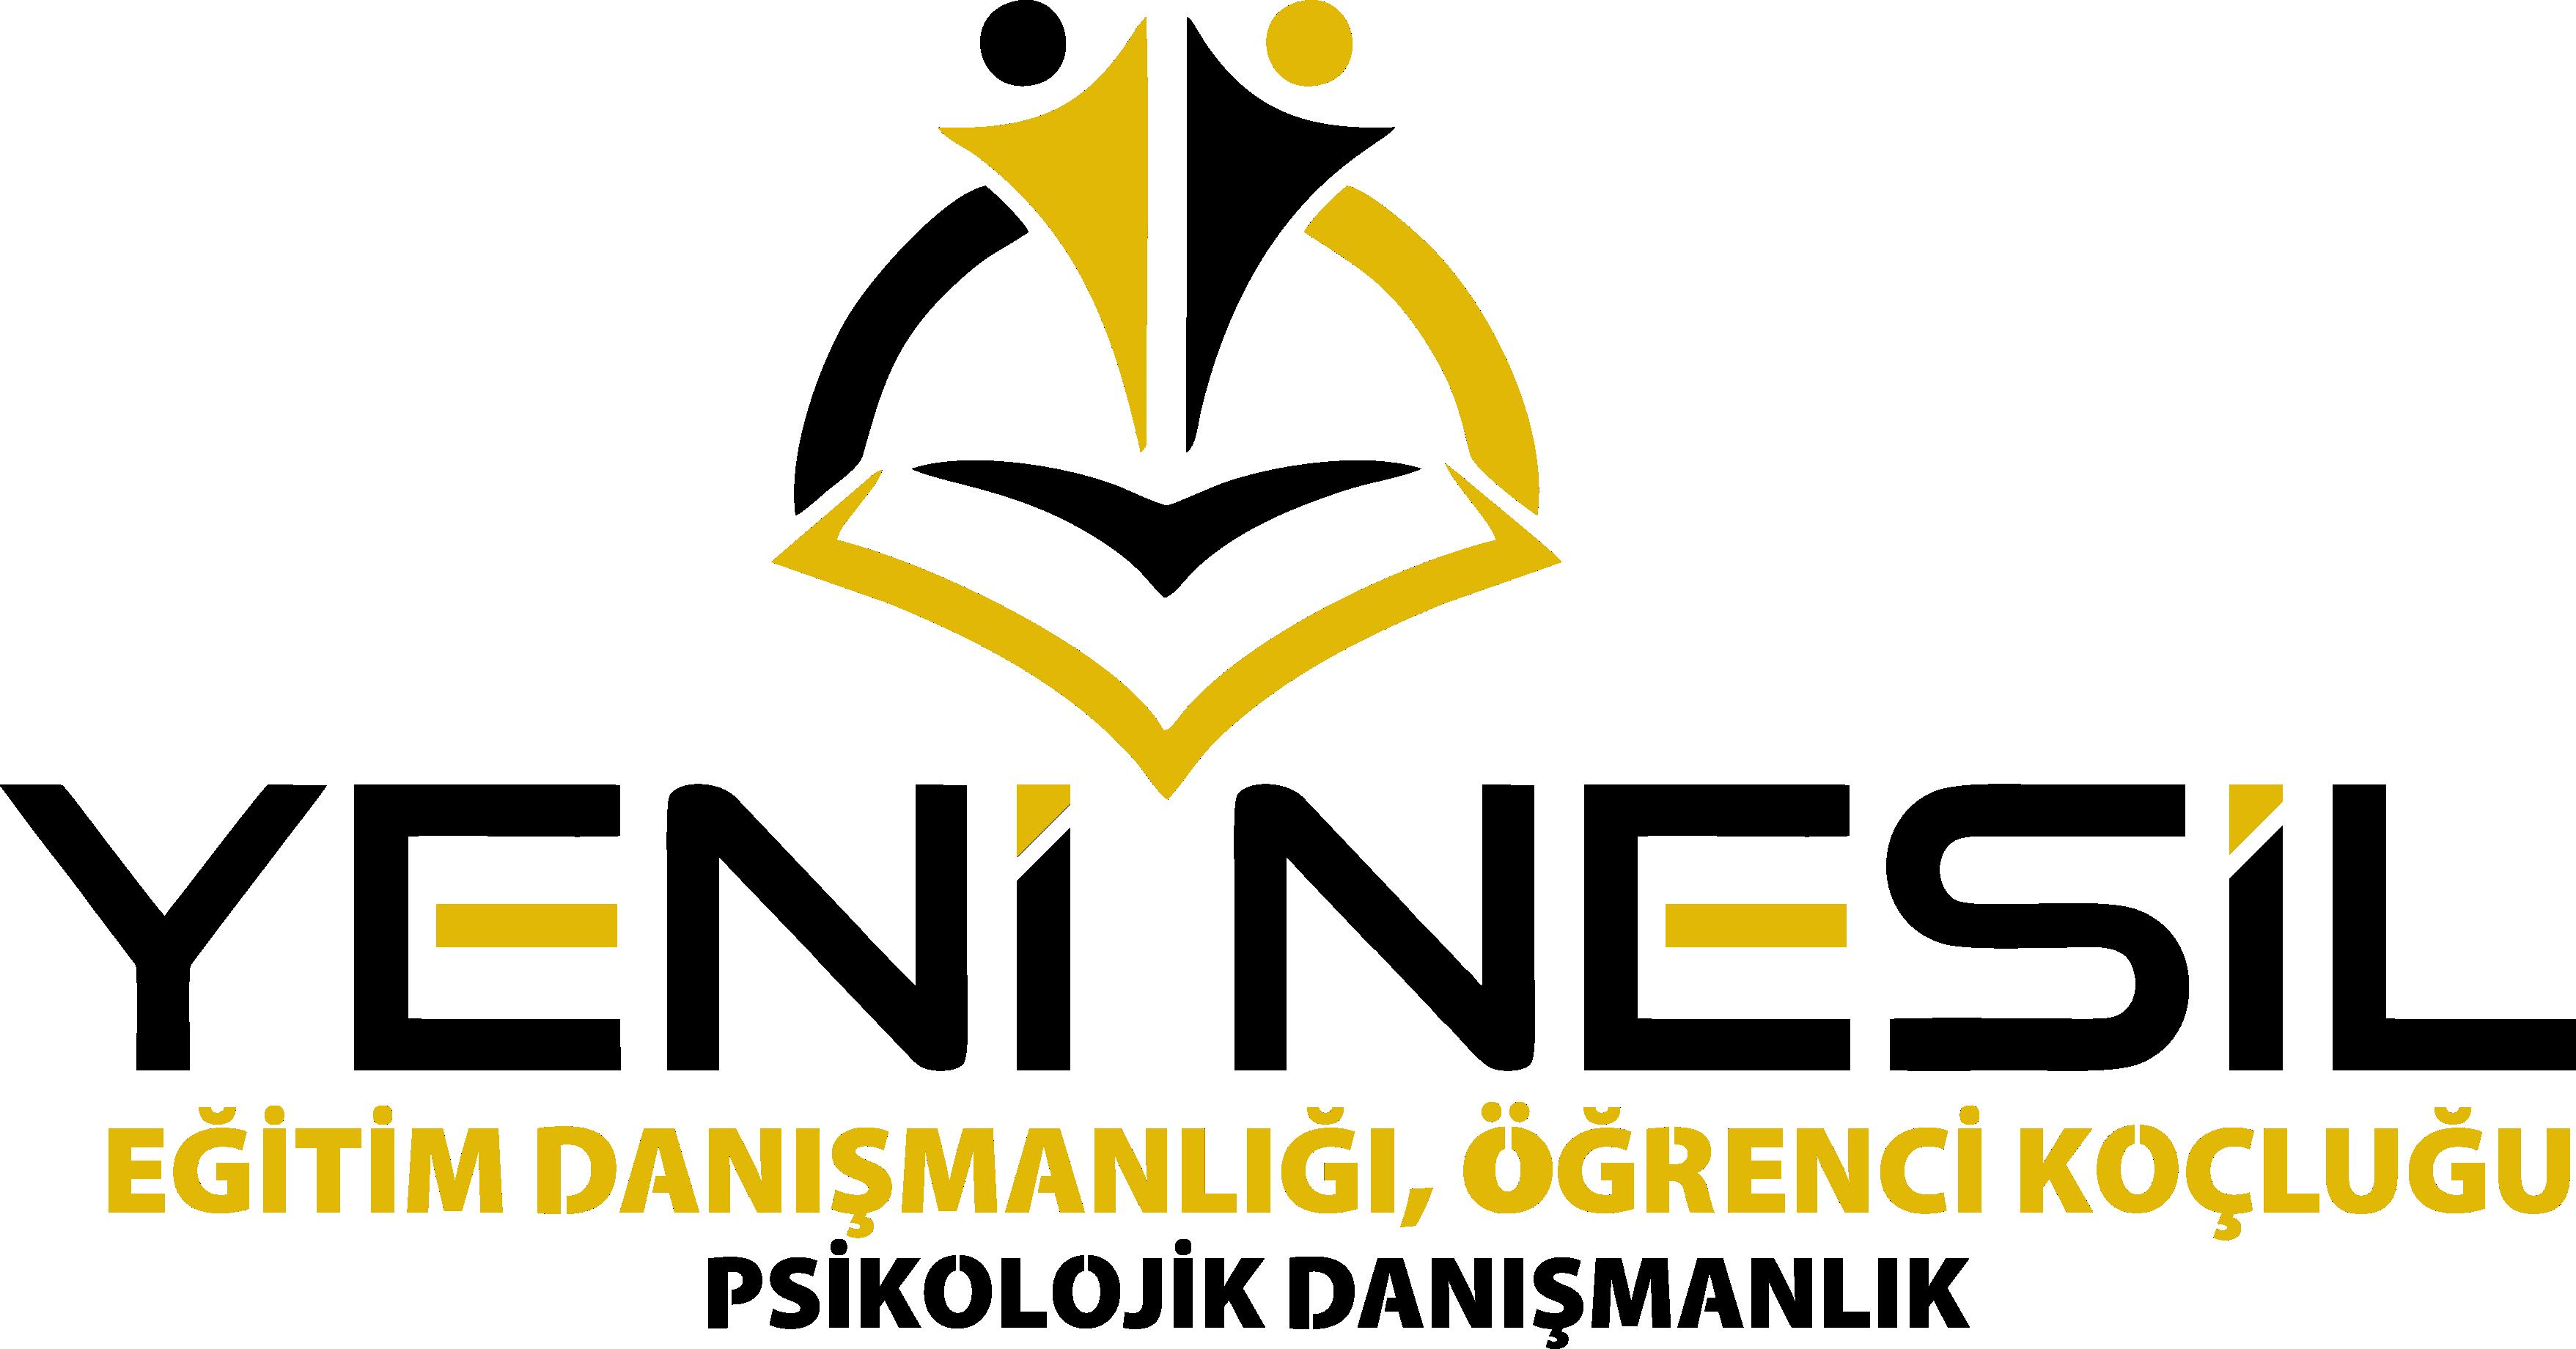 YENİ NESİL DANIŞMAN- Eğitim Danışmanlığı, Öğrenci Koçu, Psikolojik Danışmanlık- İstanbul, Eyüp, Alibeyköy, Göktürk, 5.Levent, Gaziosmanpaşa, Bayrampaşa